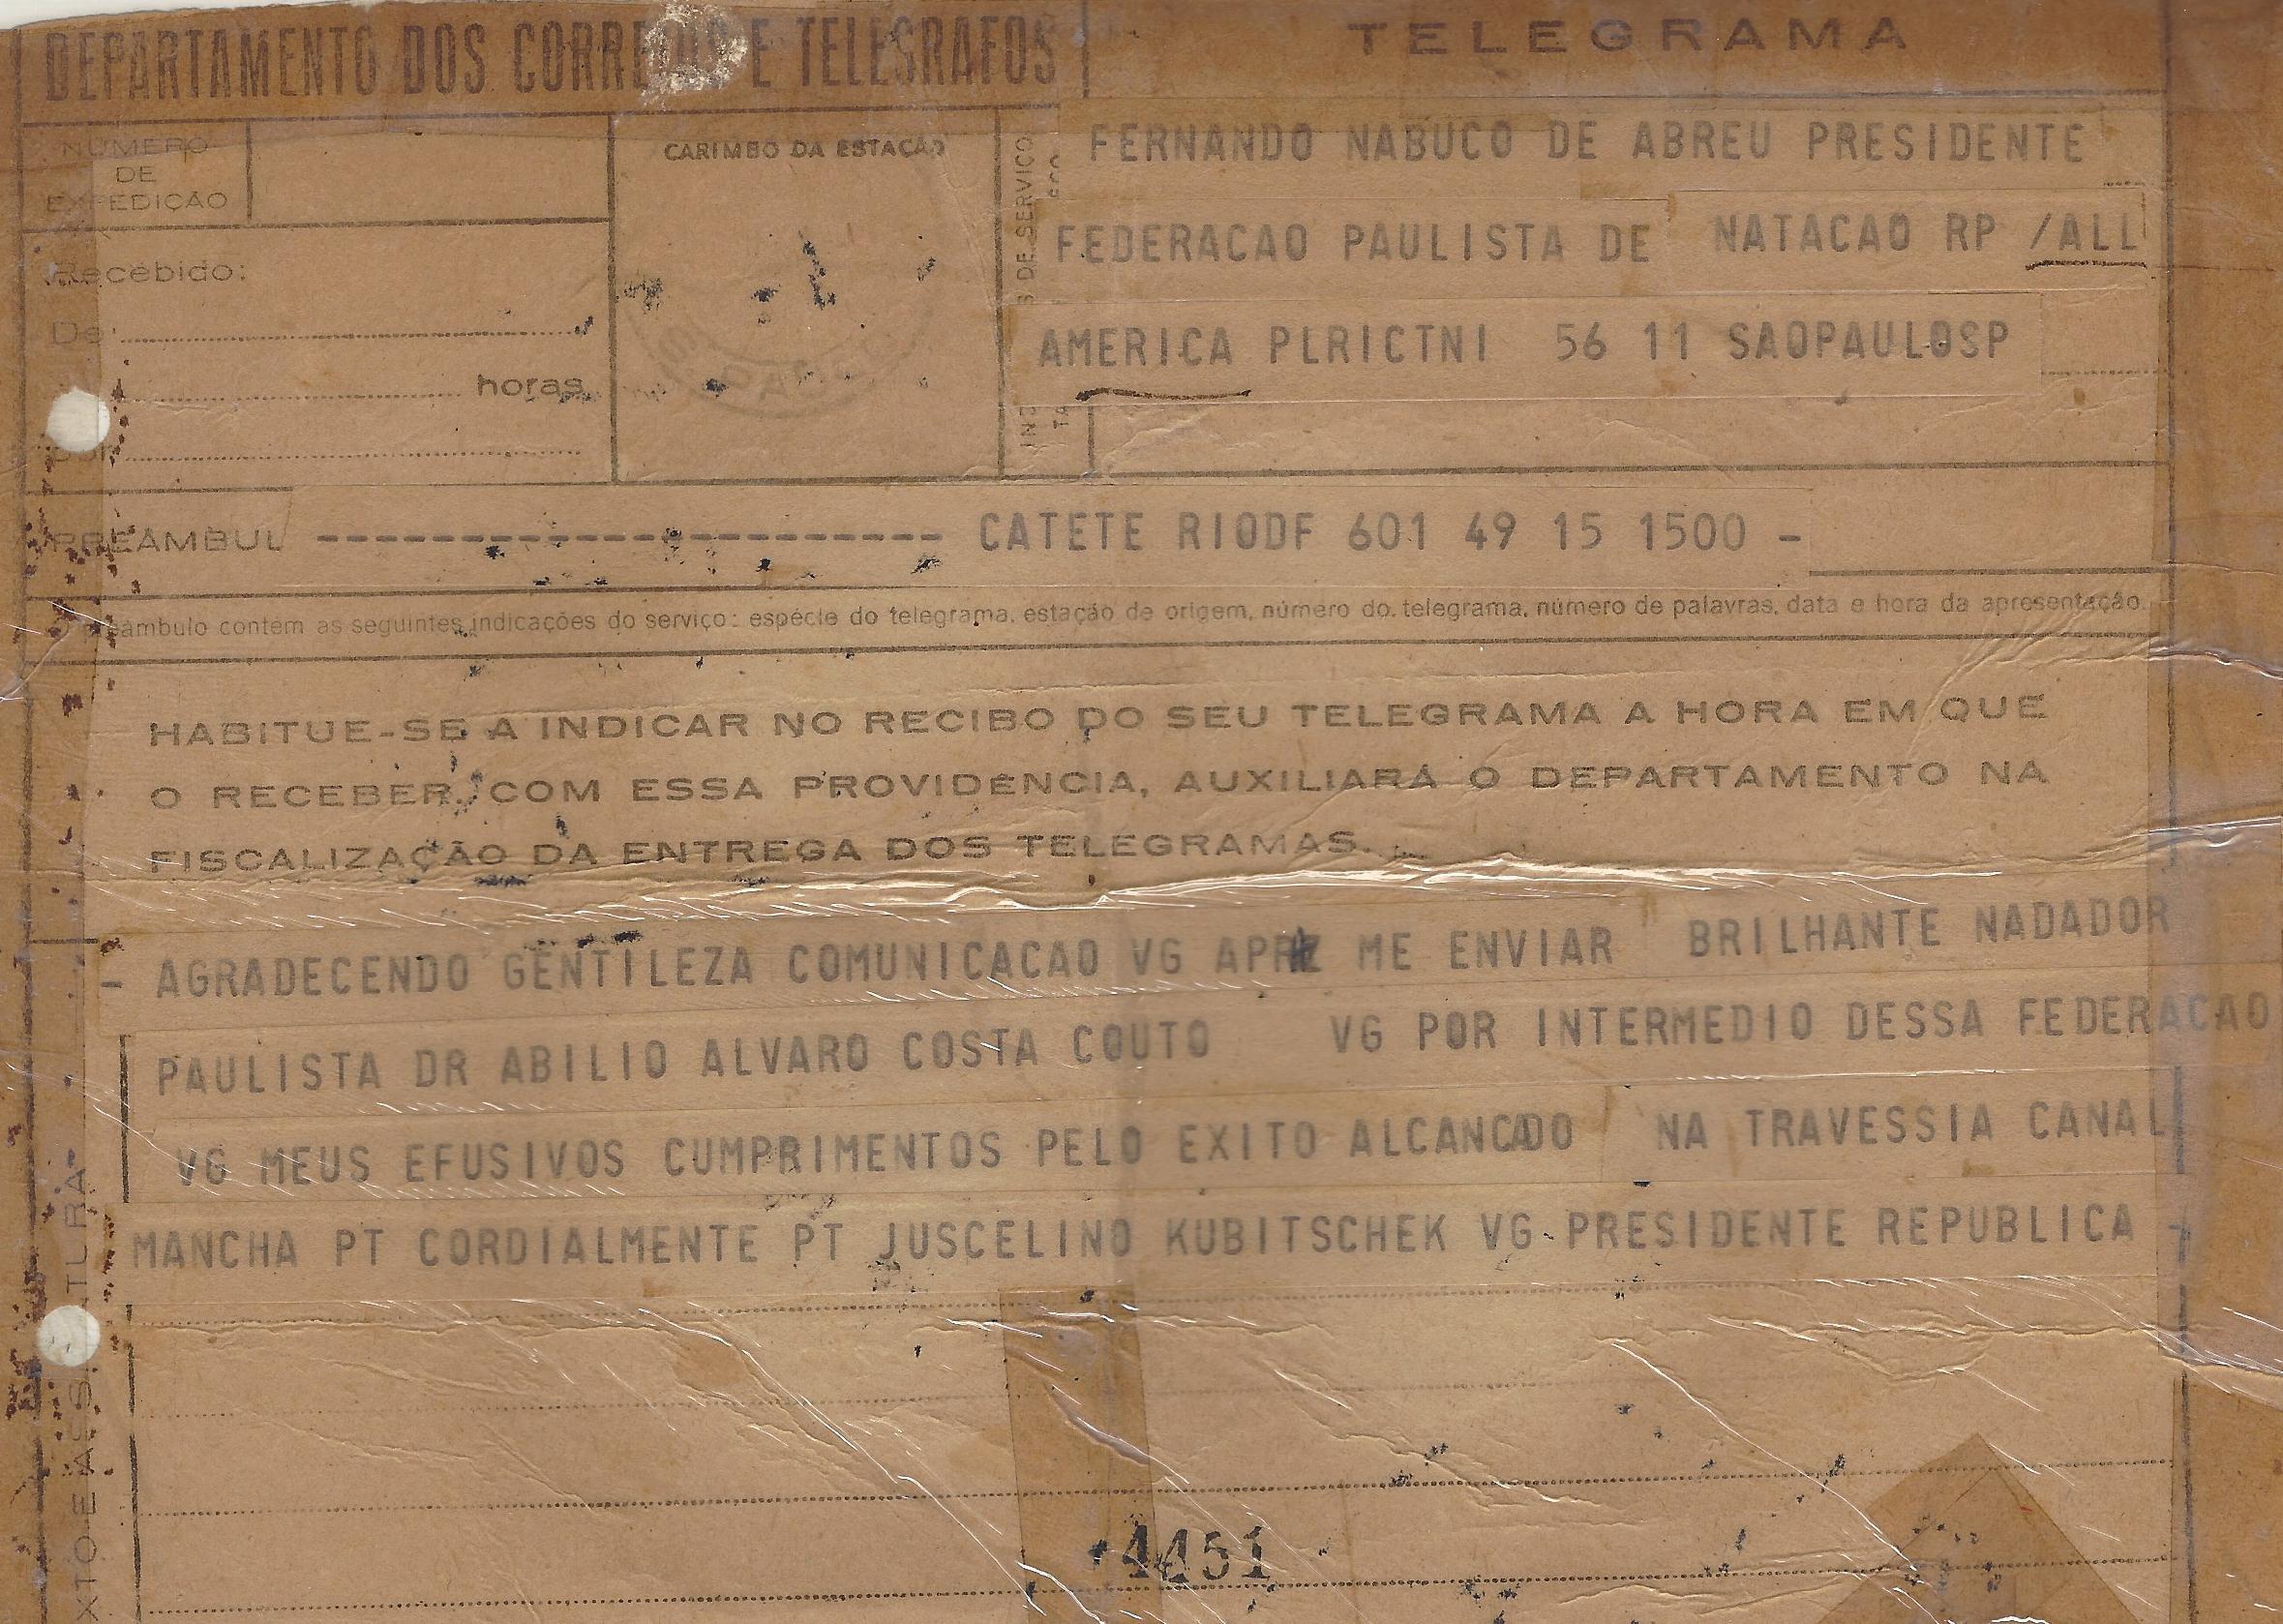 presidenttelegram.jpg